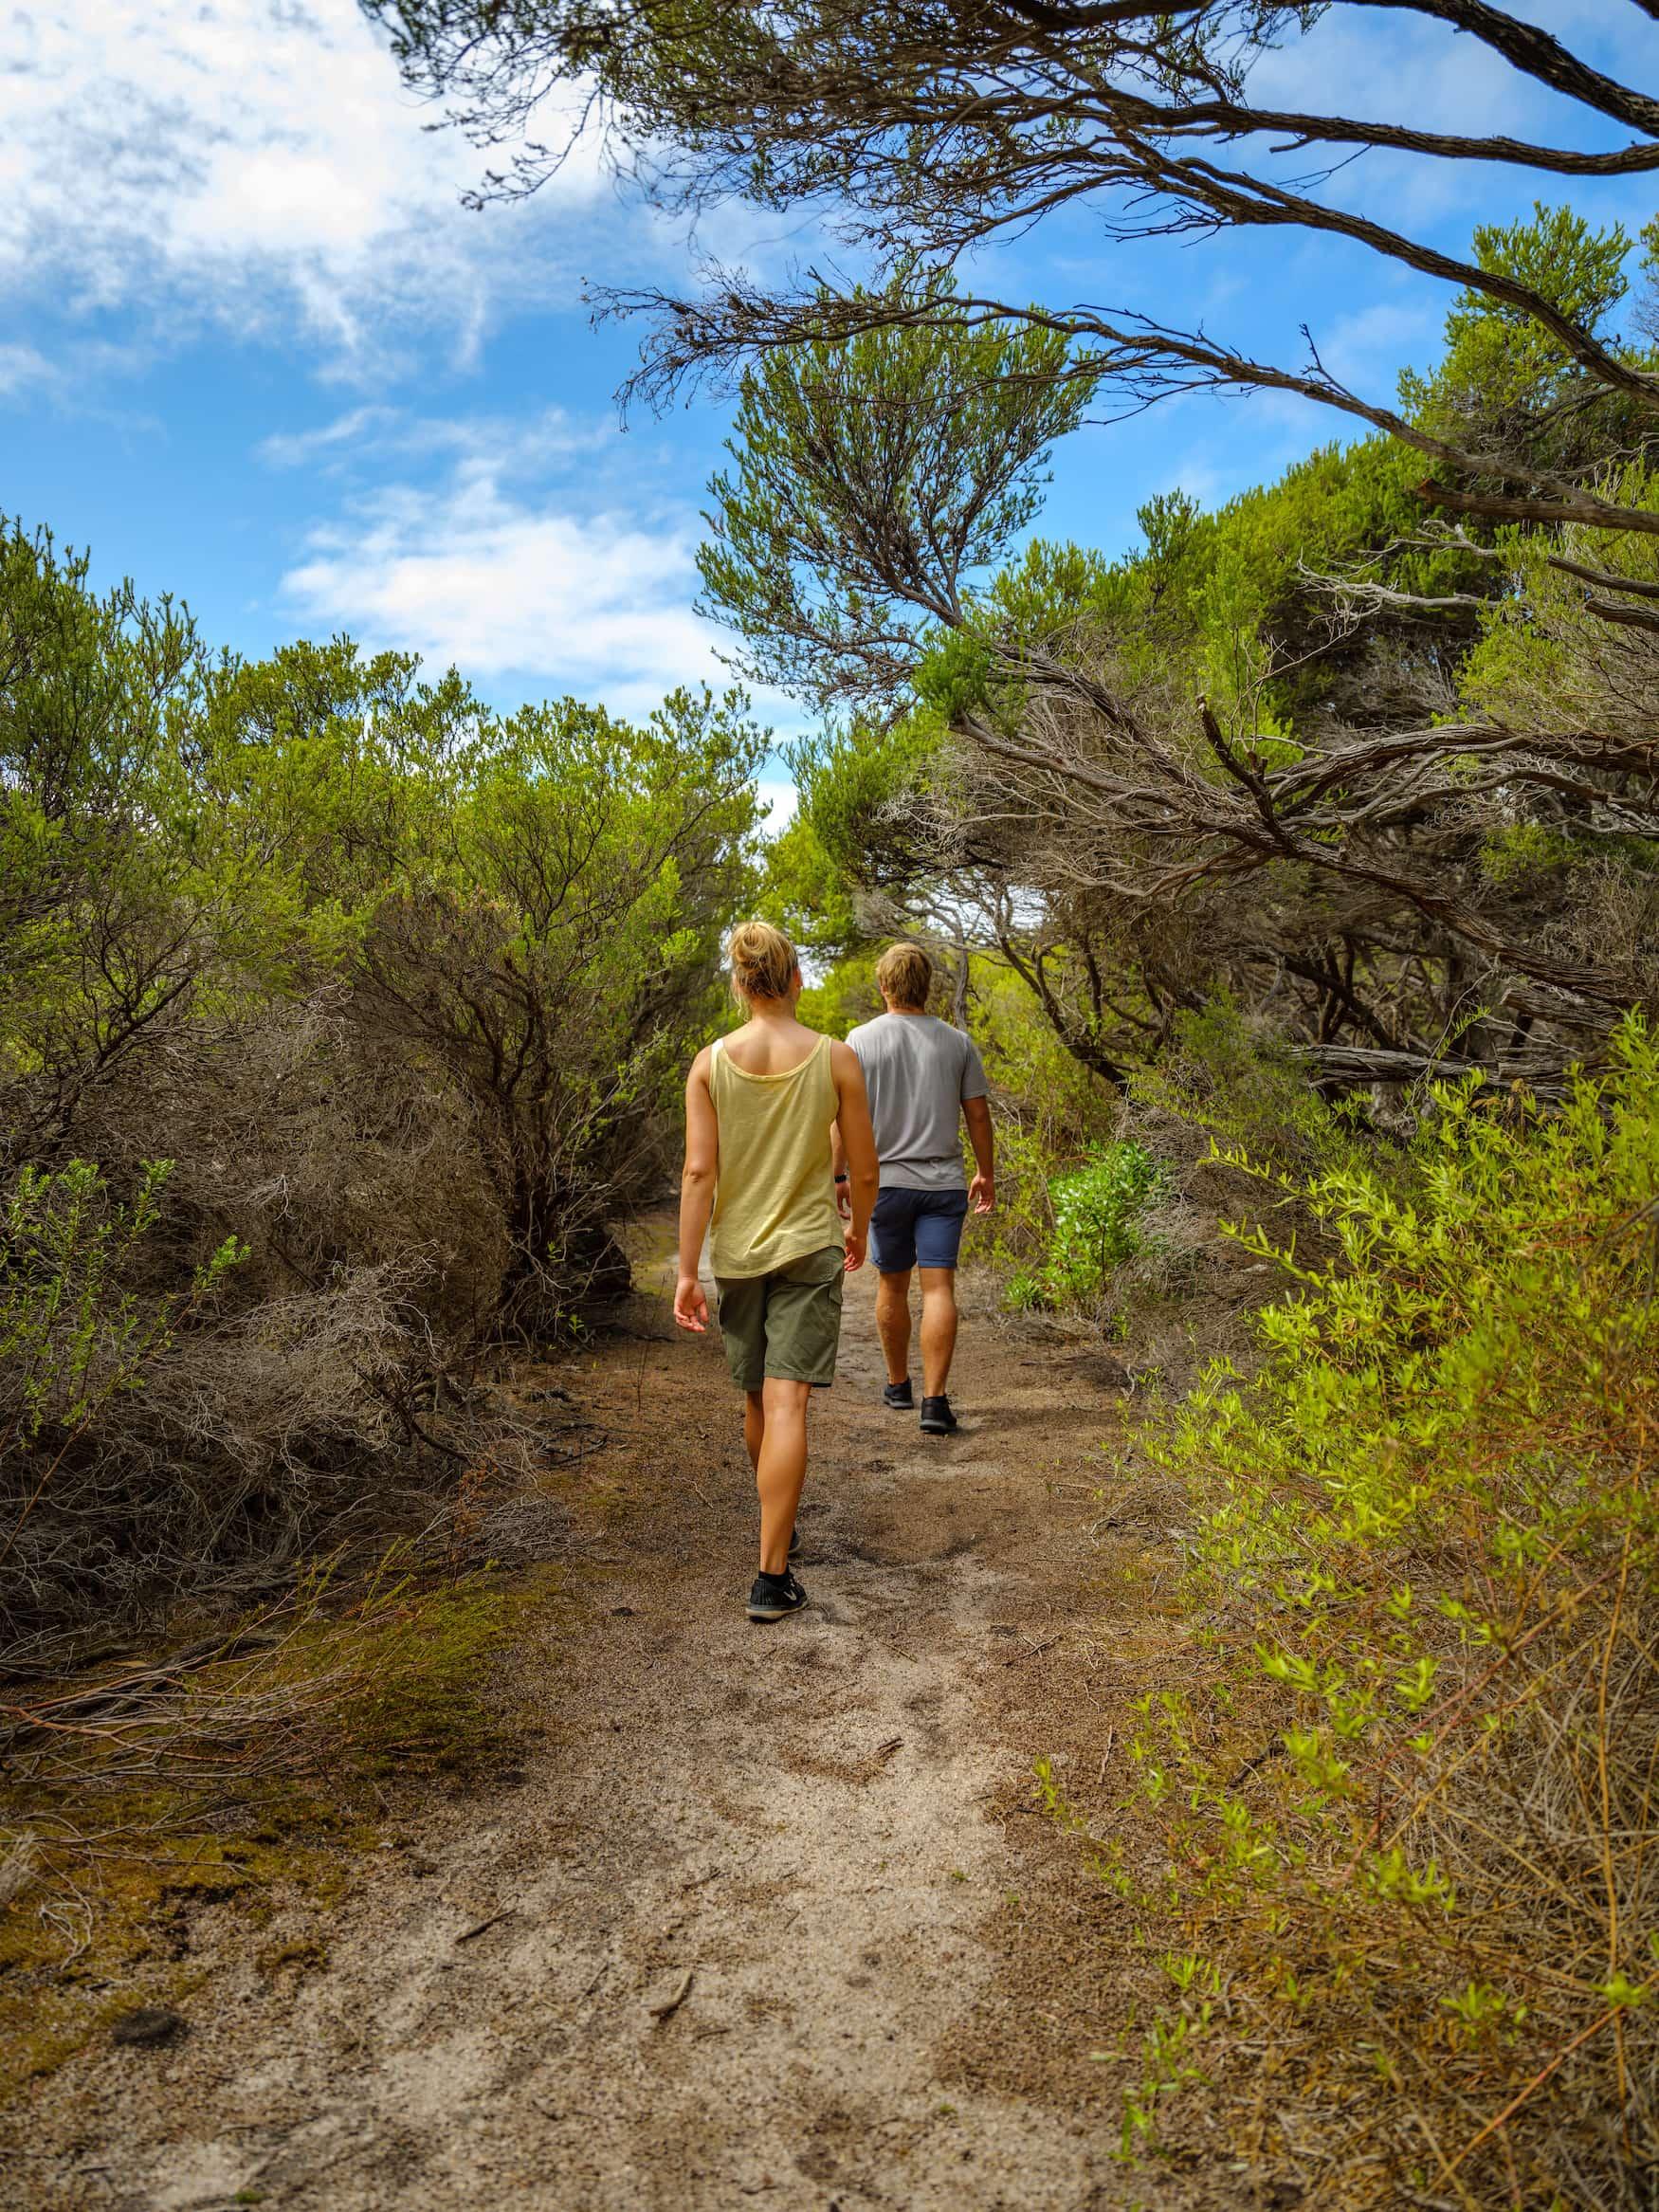 Zwei Touristen wandern durch grüne Landschaft auf Woody Island, Westaustralien